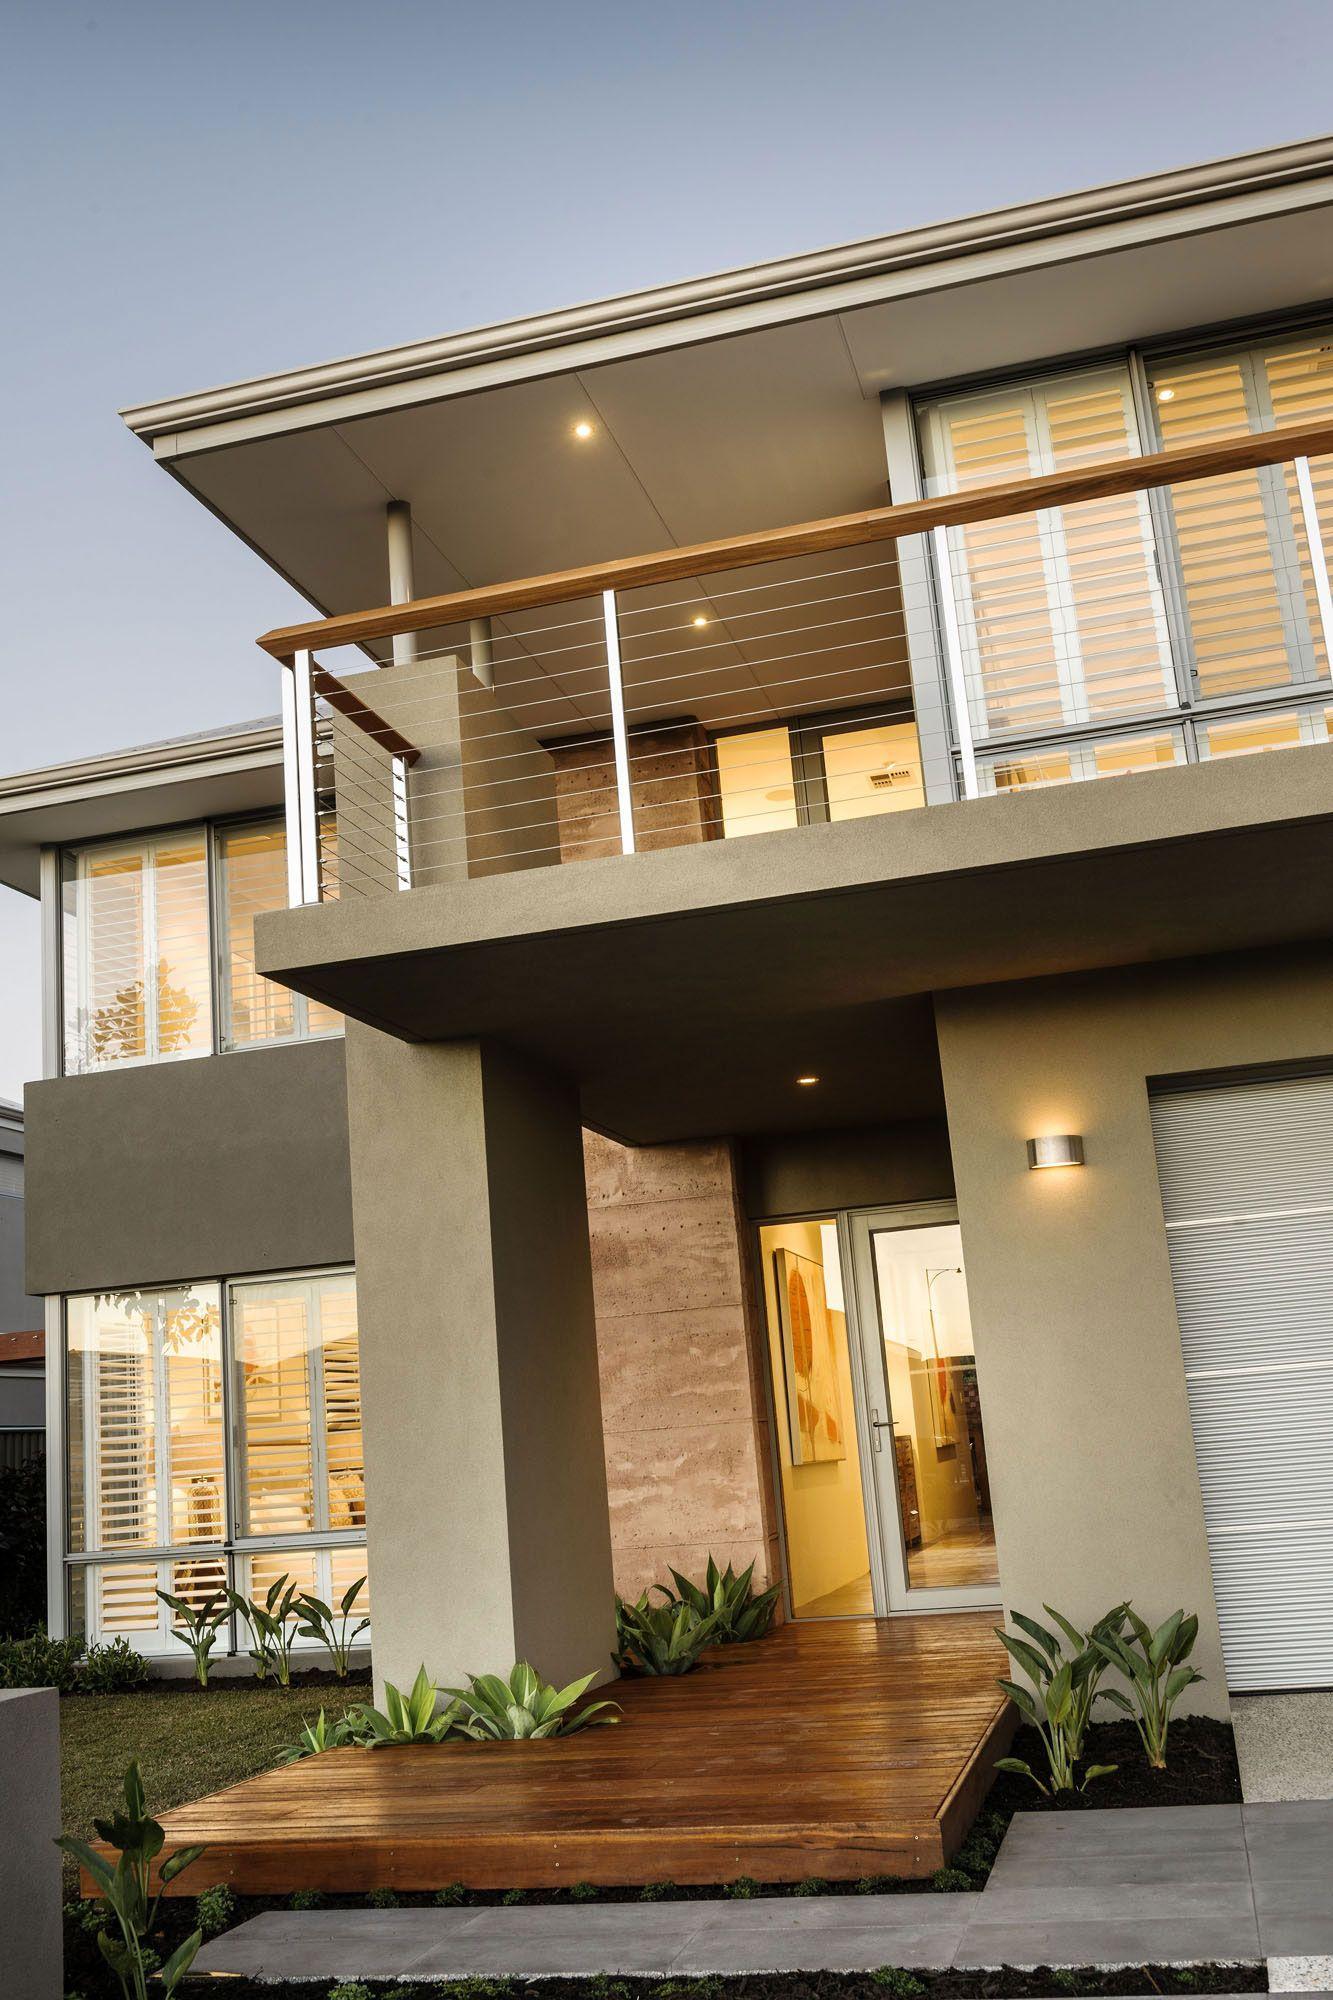 Casa moderna de dos pisos con hermoso dise o de fachada e for Lampara de piso minimalista